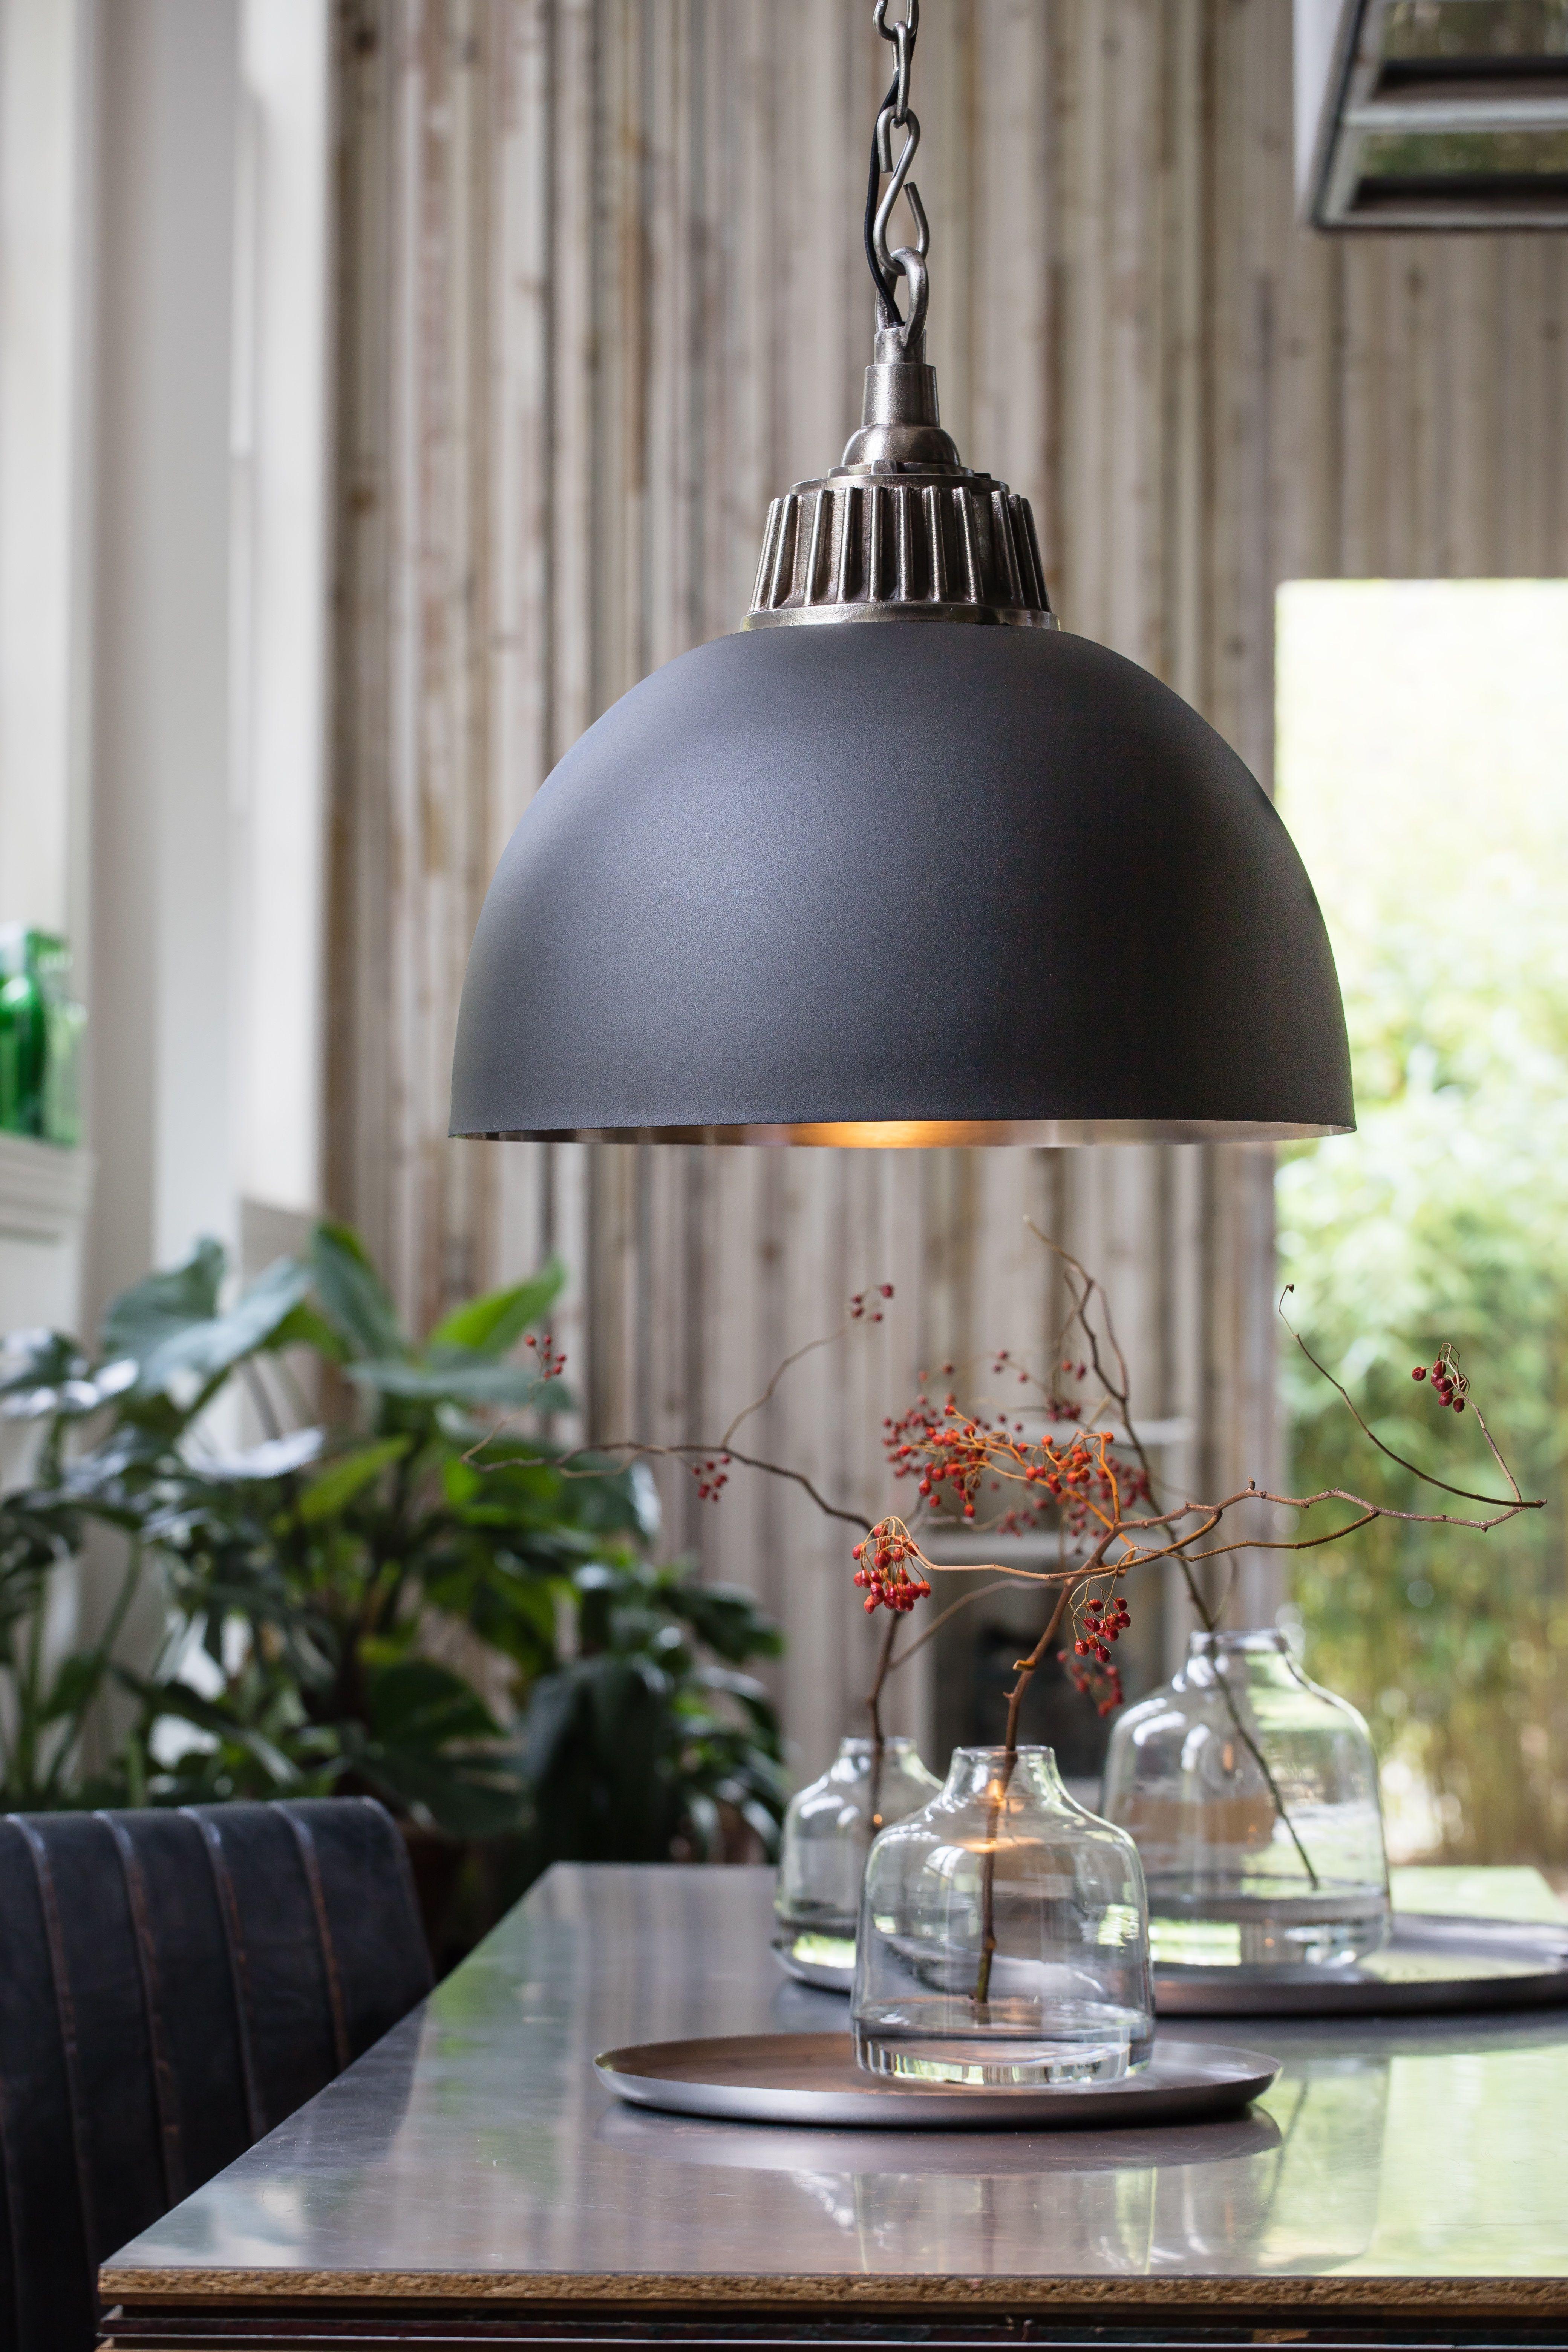 Hanglamp Anisha Antiek Tin Kopen Bestel Bij Dutch Home Label Hanglamp Eettafel Verlichting Industriele Hanglampen